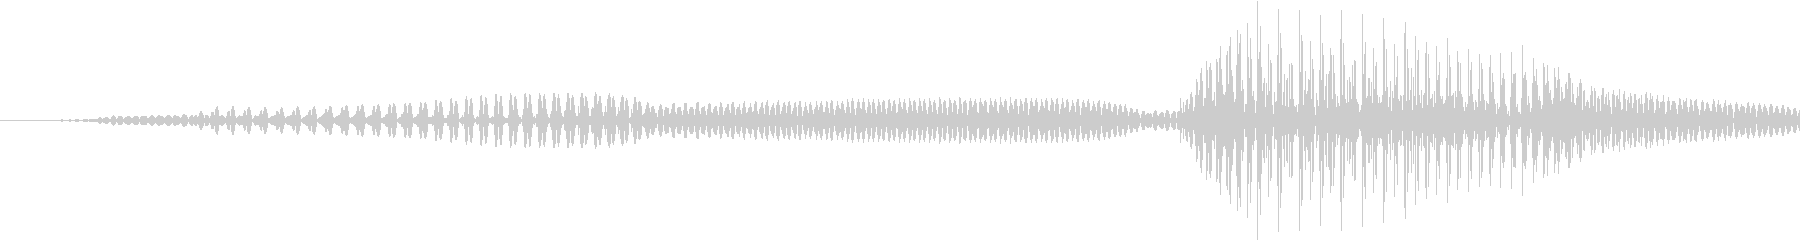 問題!女の子の声の未再生の波形